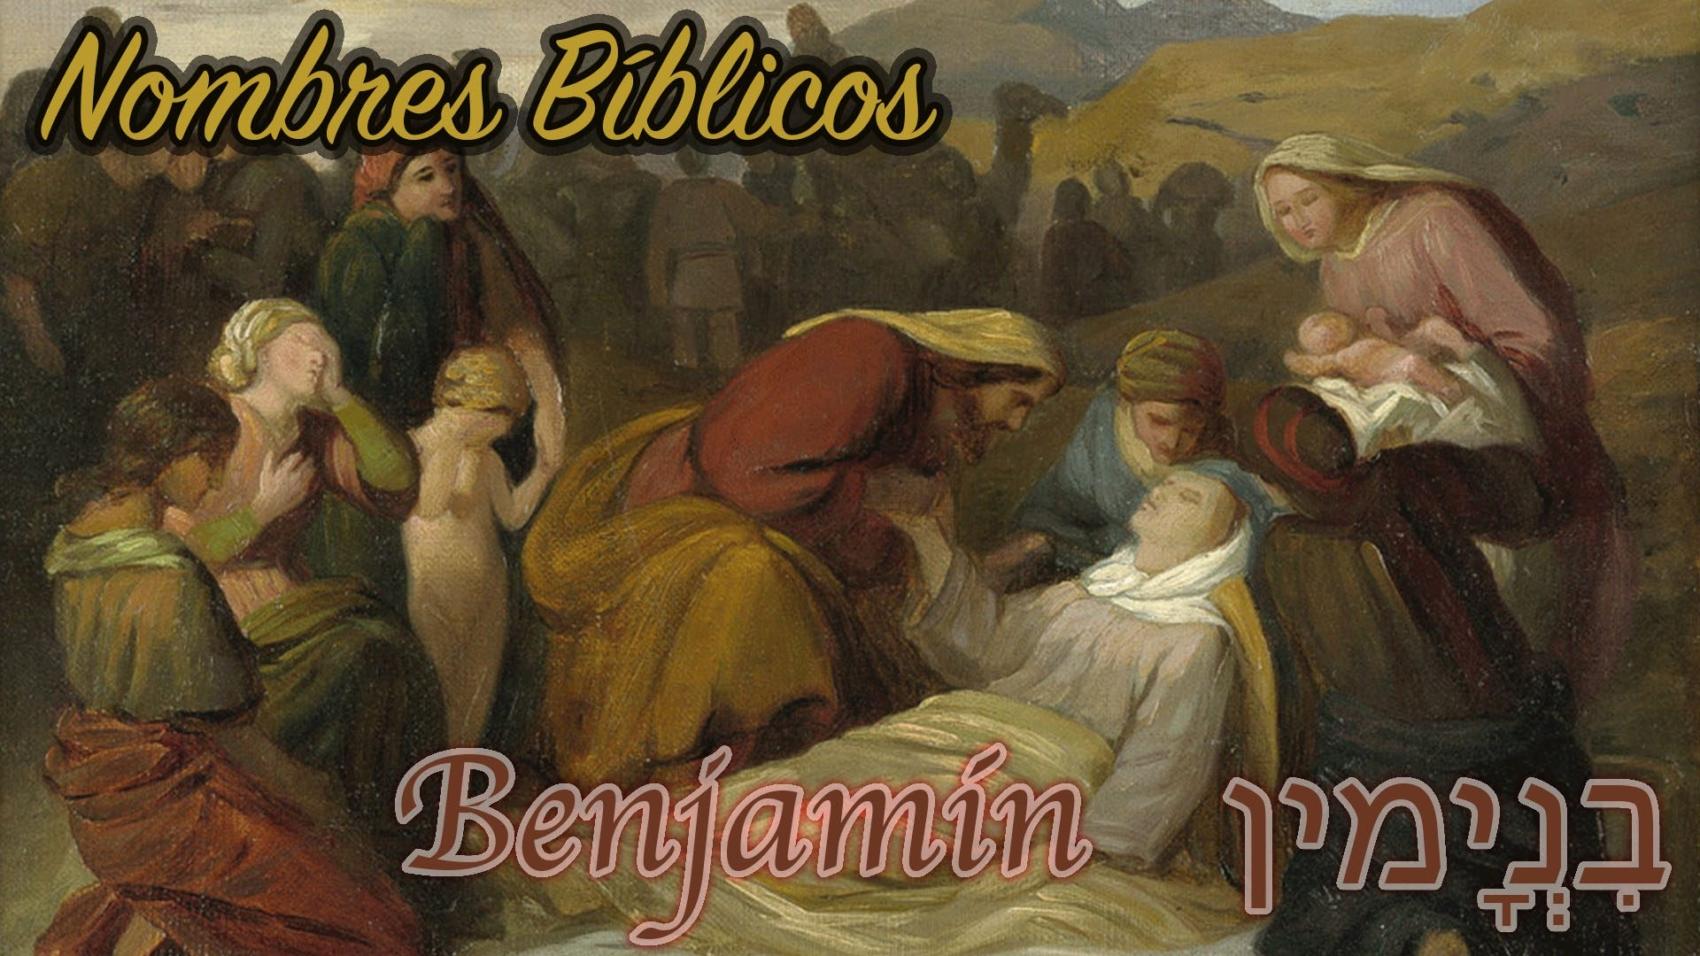 nombres biblicos-benjamin